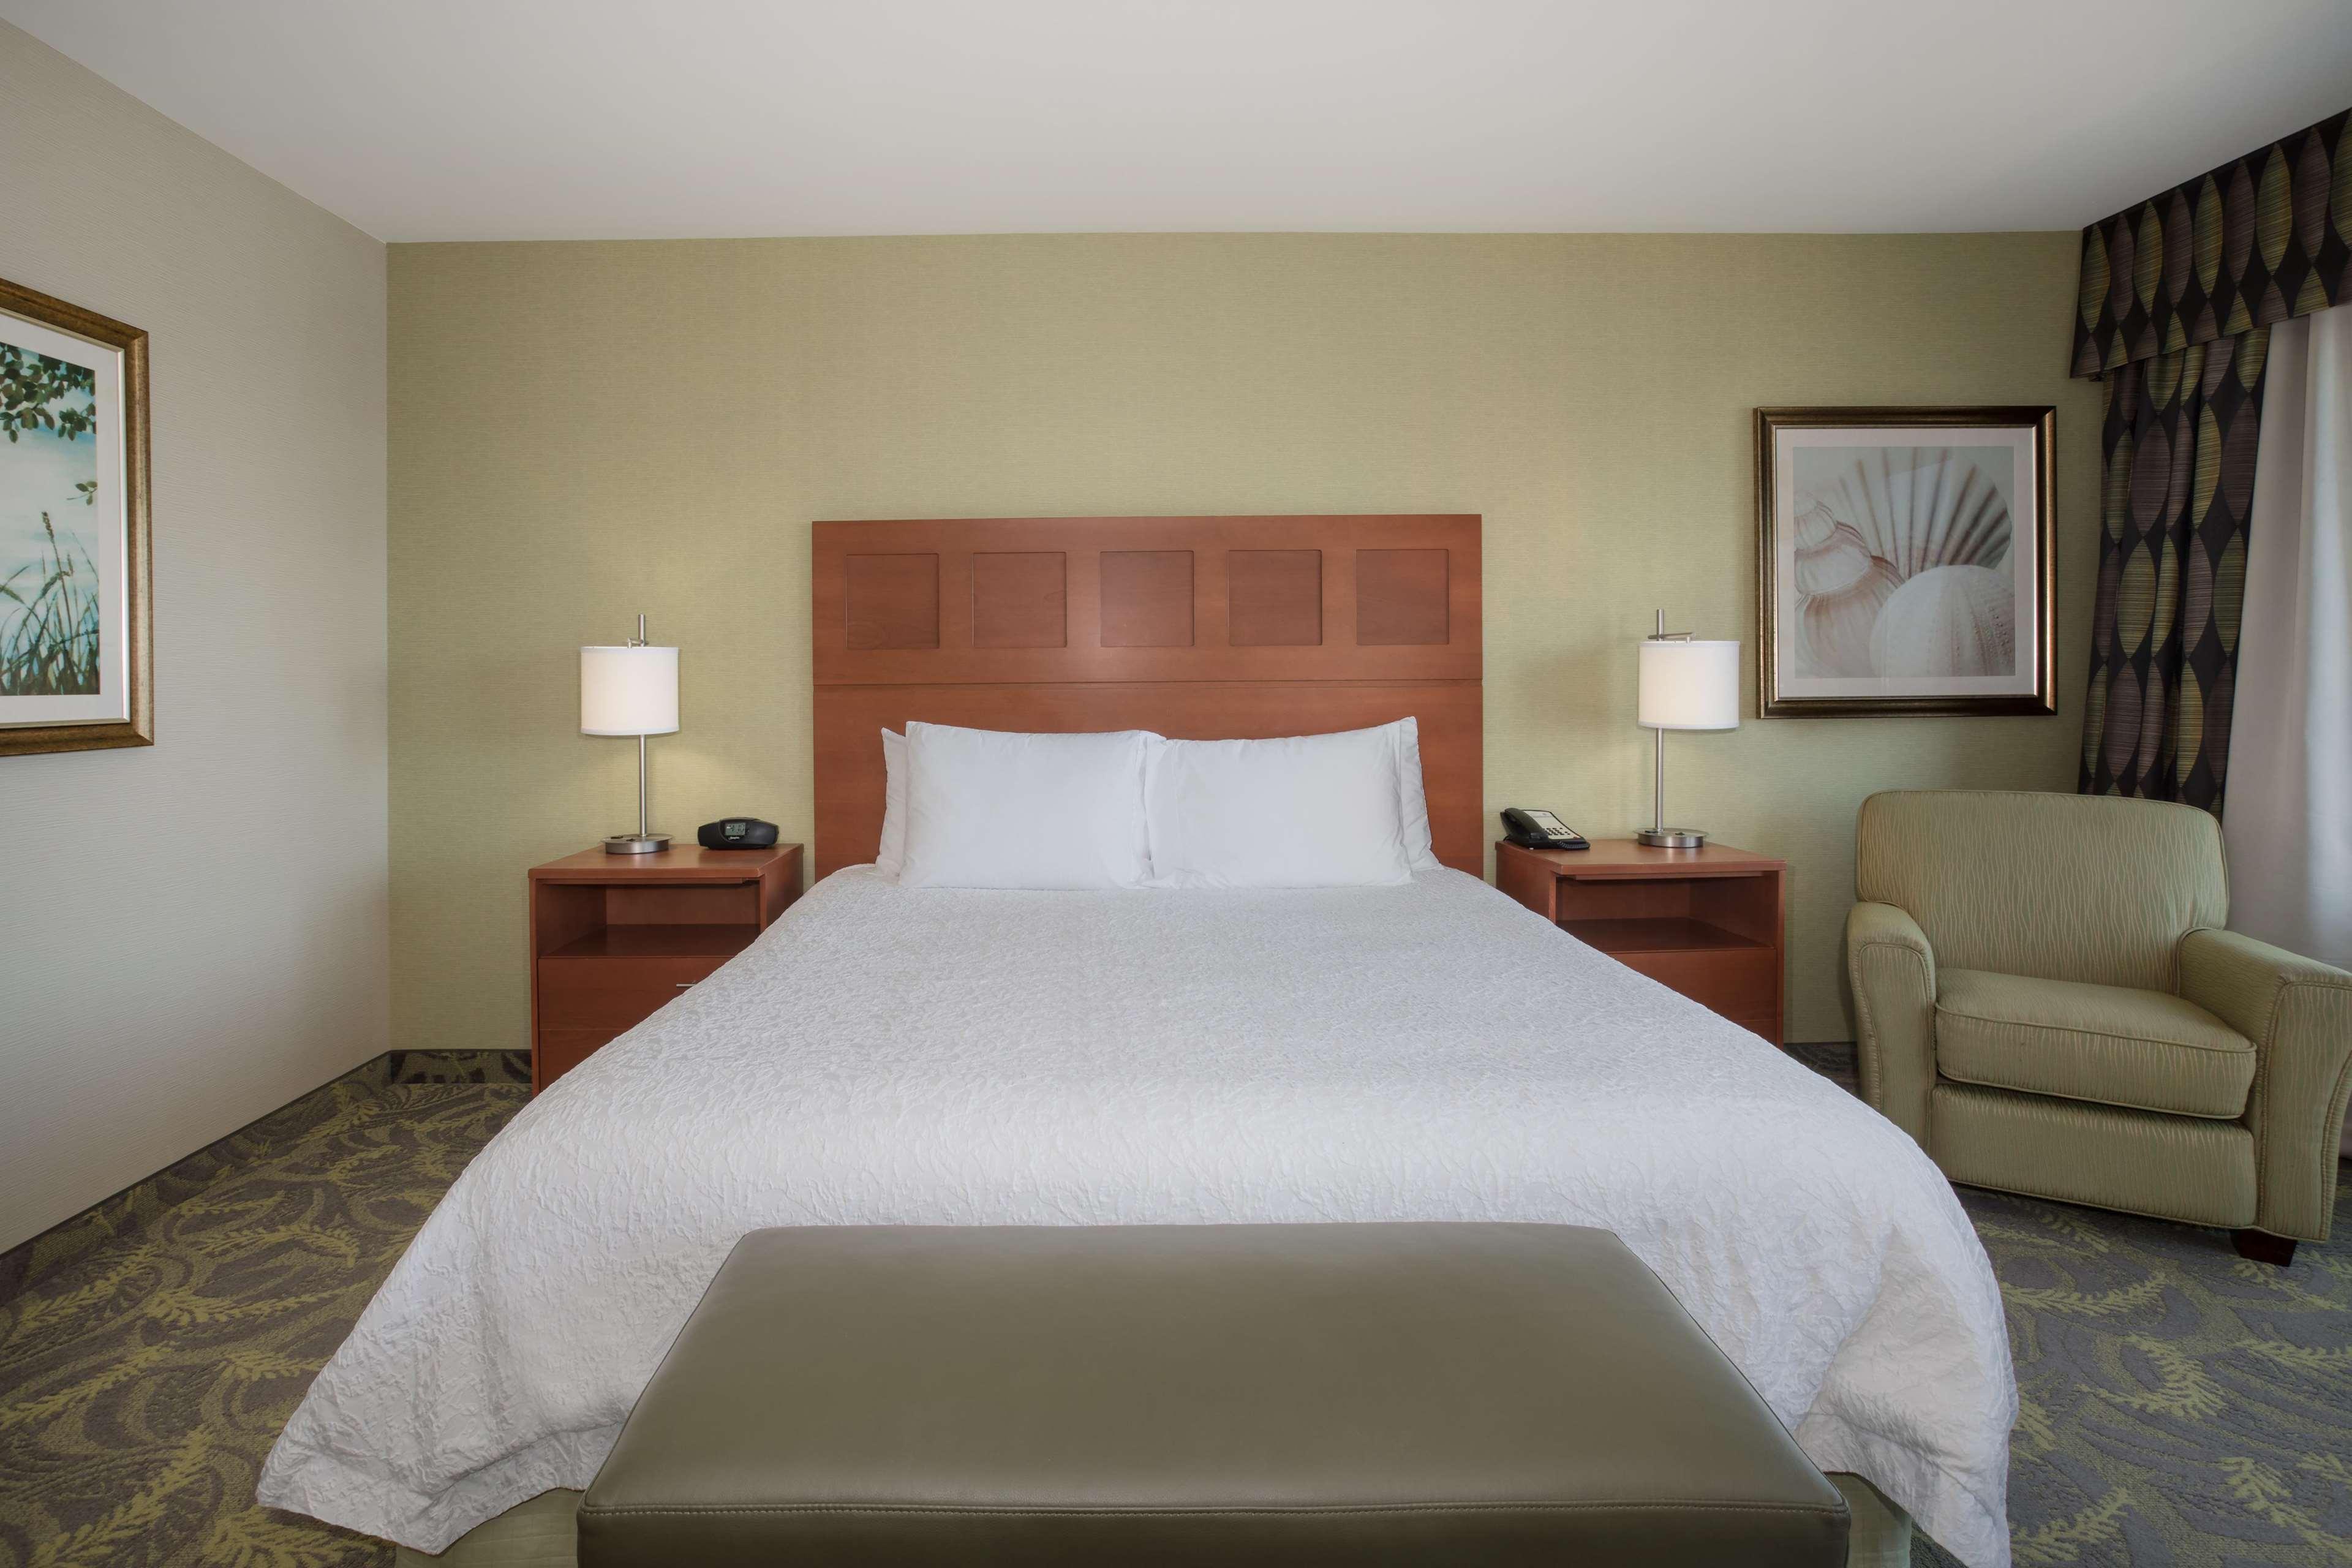 Hampton Inn & Suites Astoria image 21